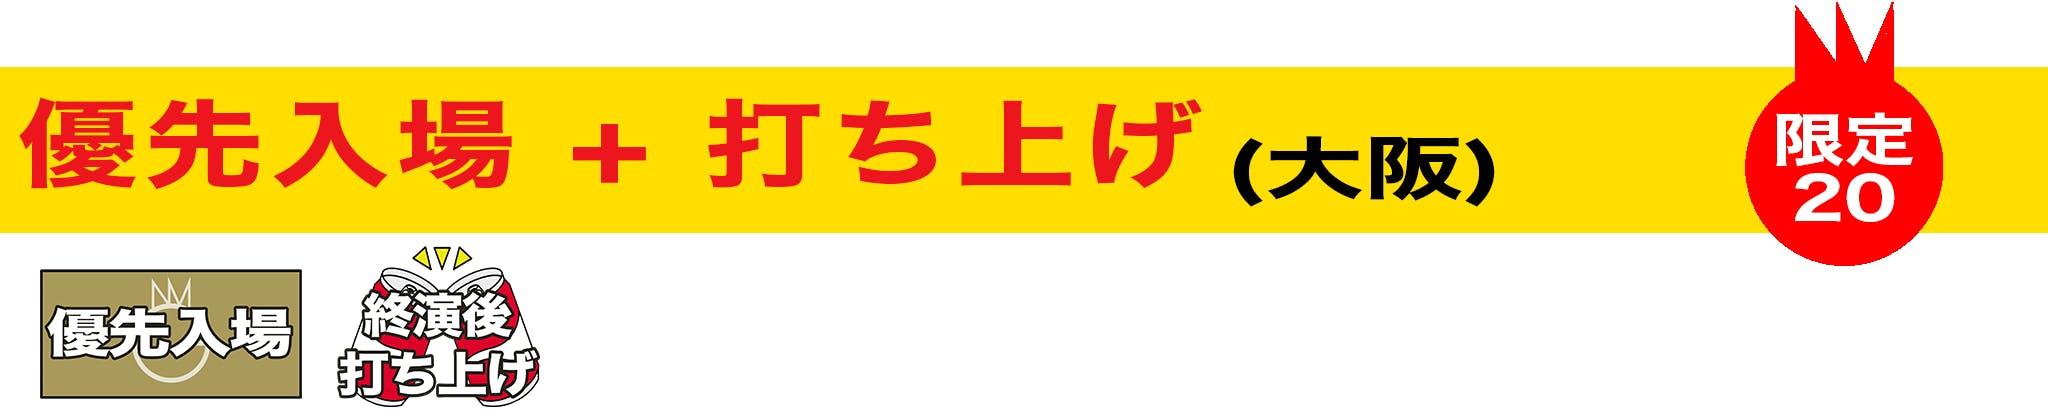 クラファン リターン優先入場 打ち上げ 大阪